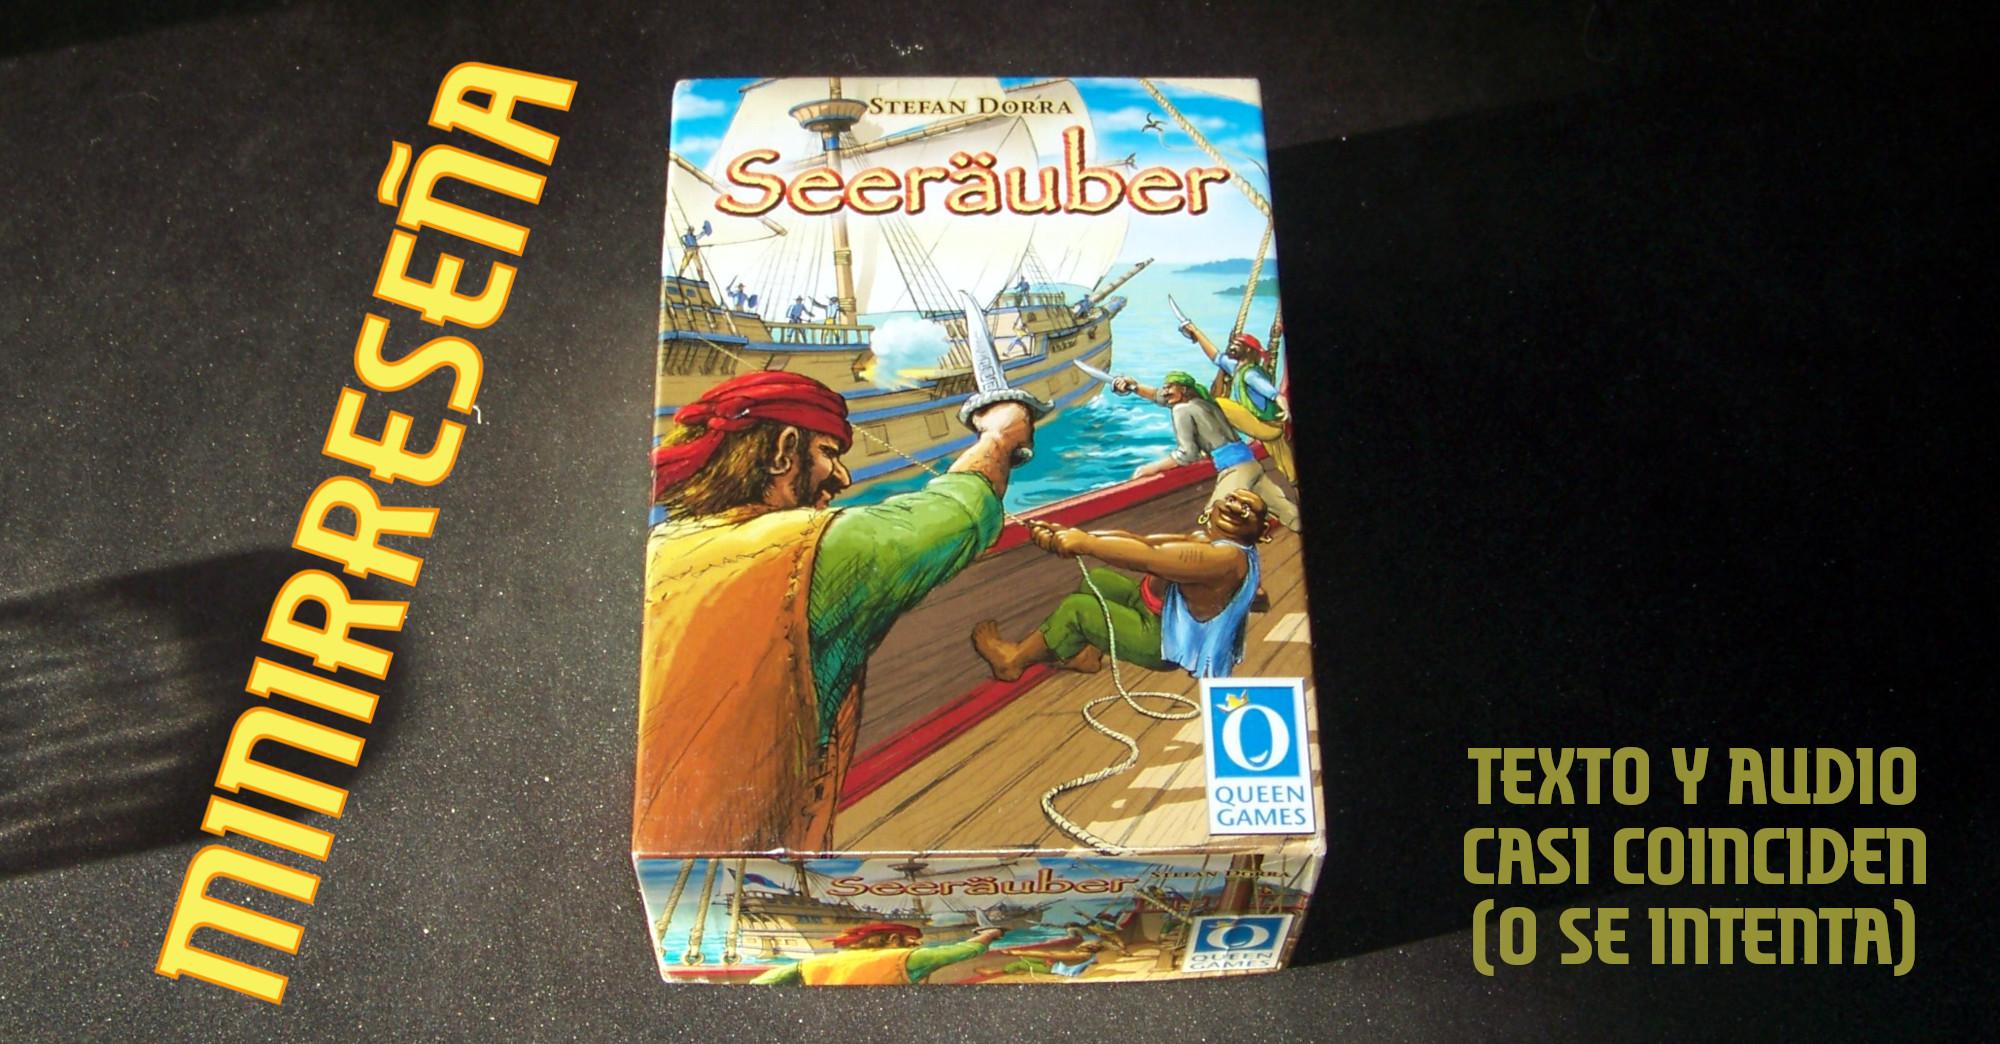 Juego de mesa Seeräuber (Buccaneer) - Carátula